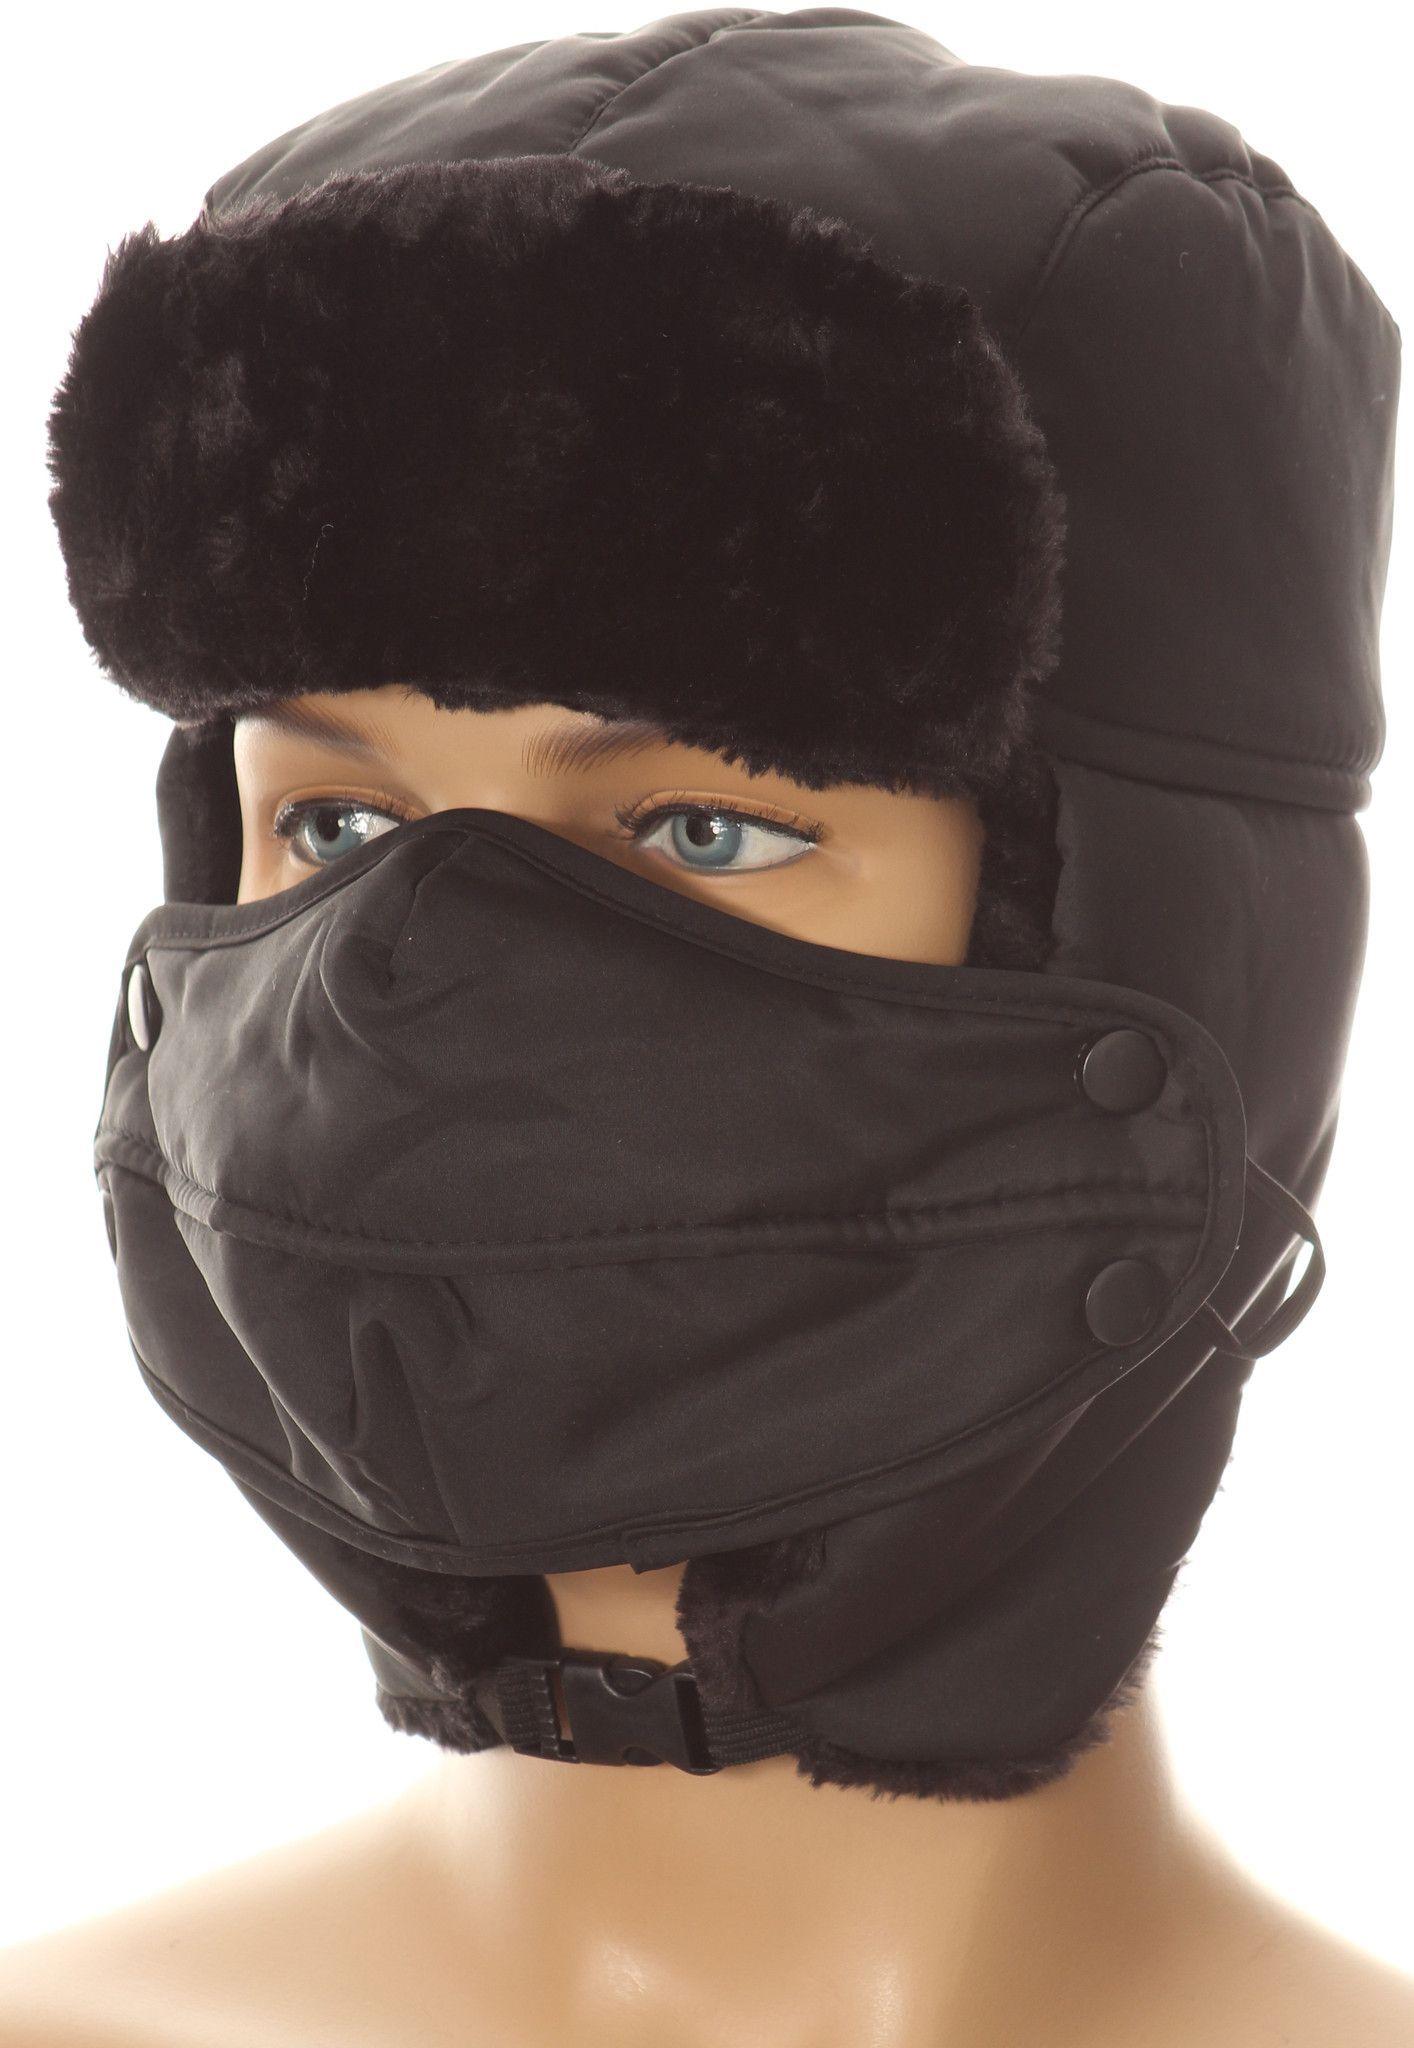 47e15447dc15d1 Sakkas Esty Adjustable Chin Buckle Faux Fur Lined Face Mask Unisex Trooper  Hat